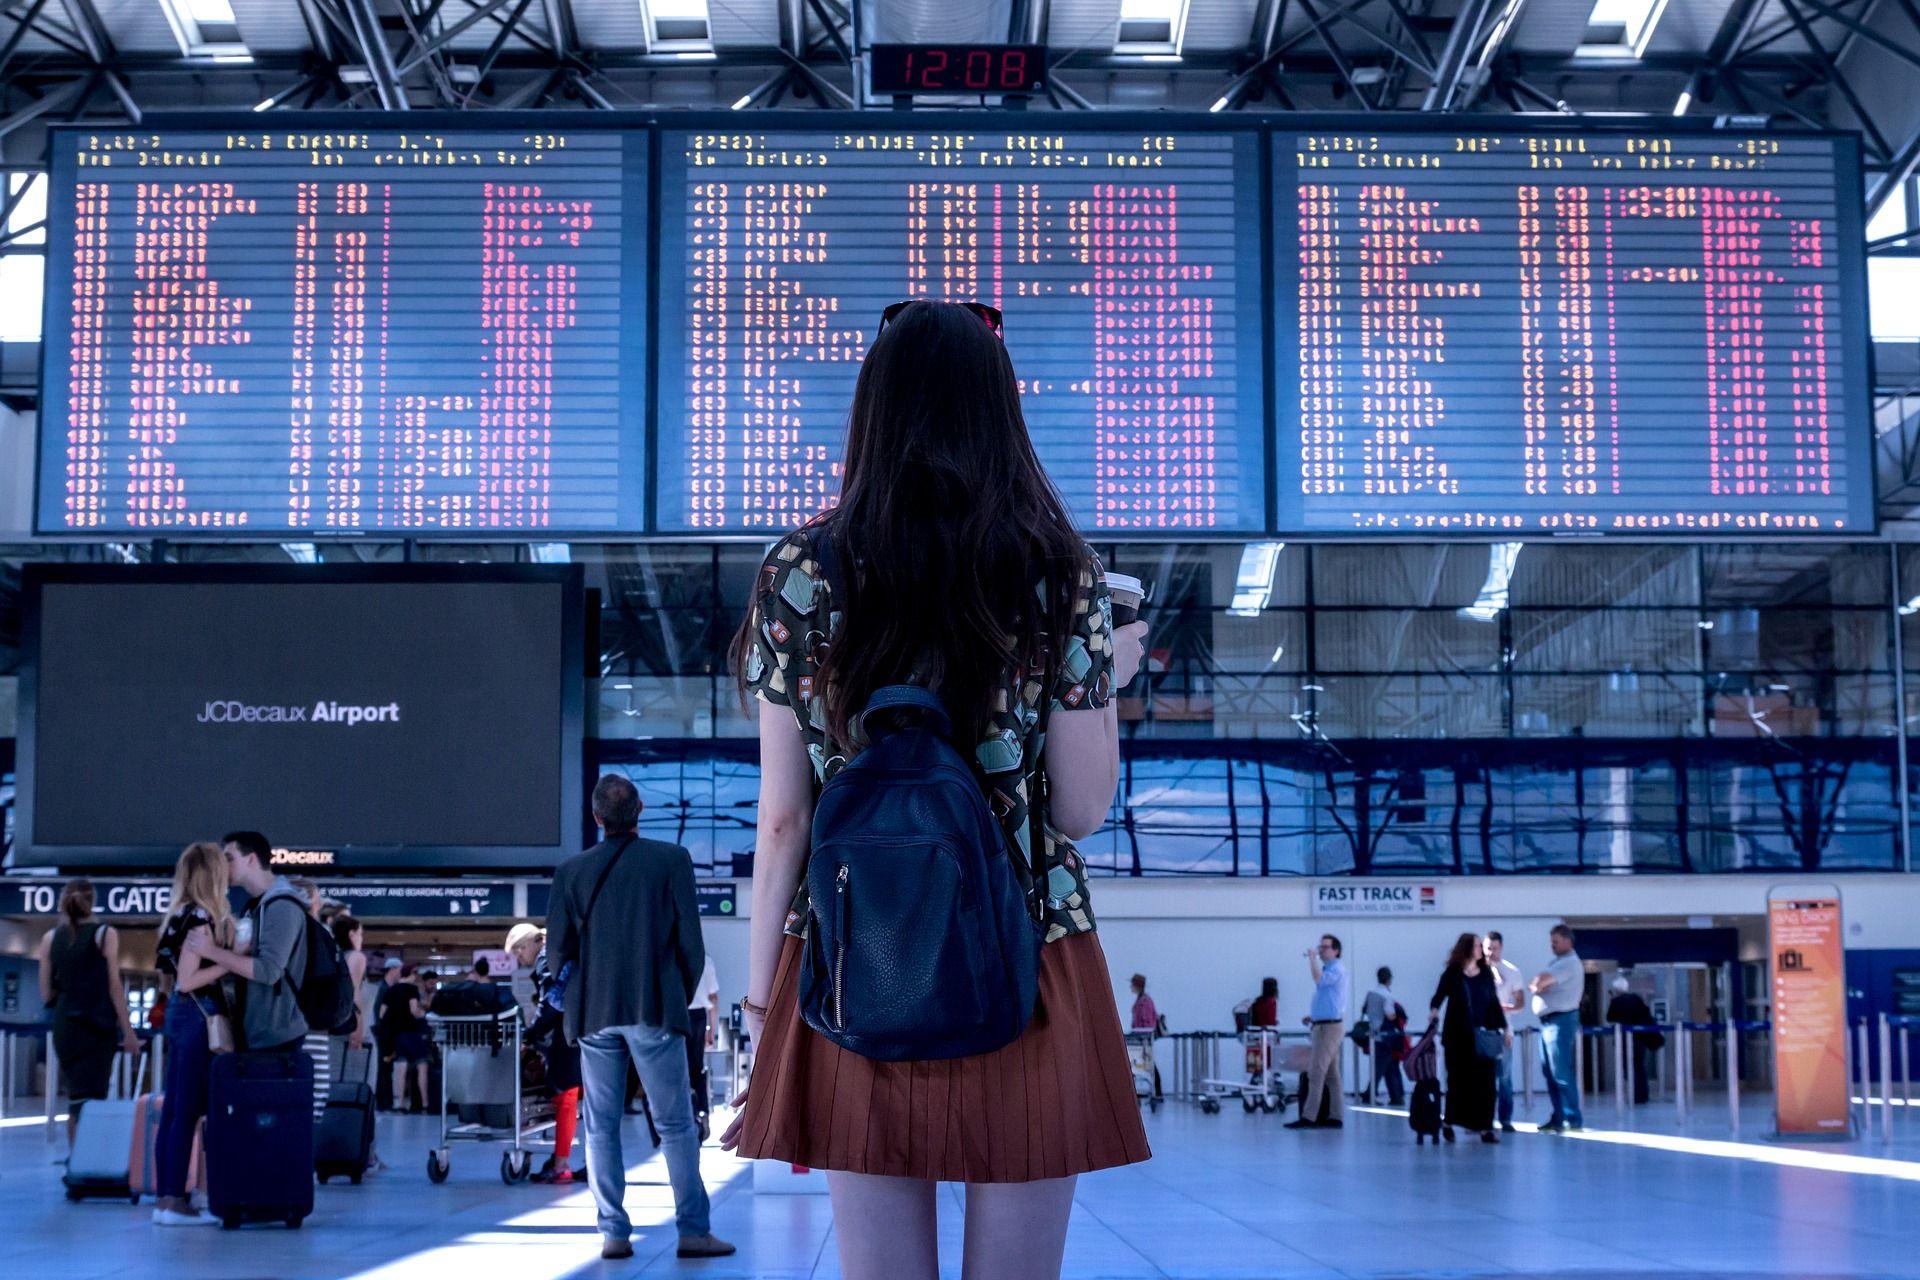 mulher olhando para painel em aeroporto